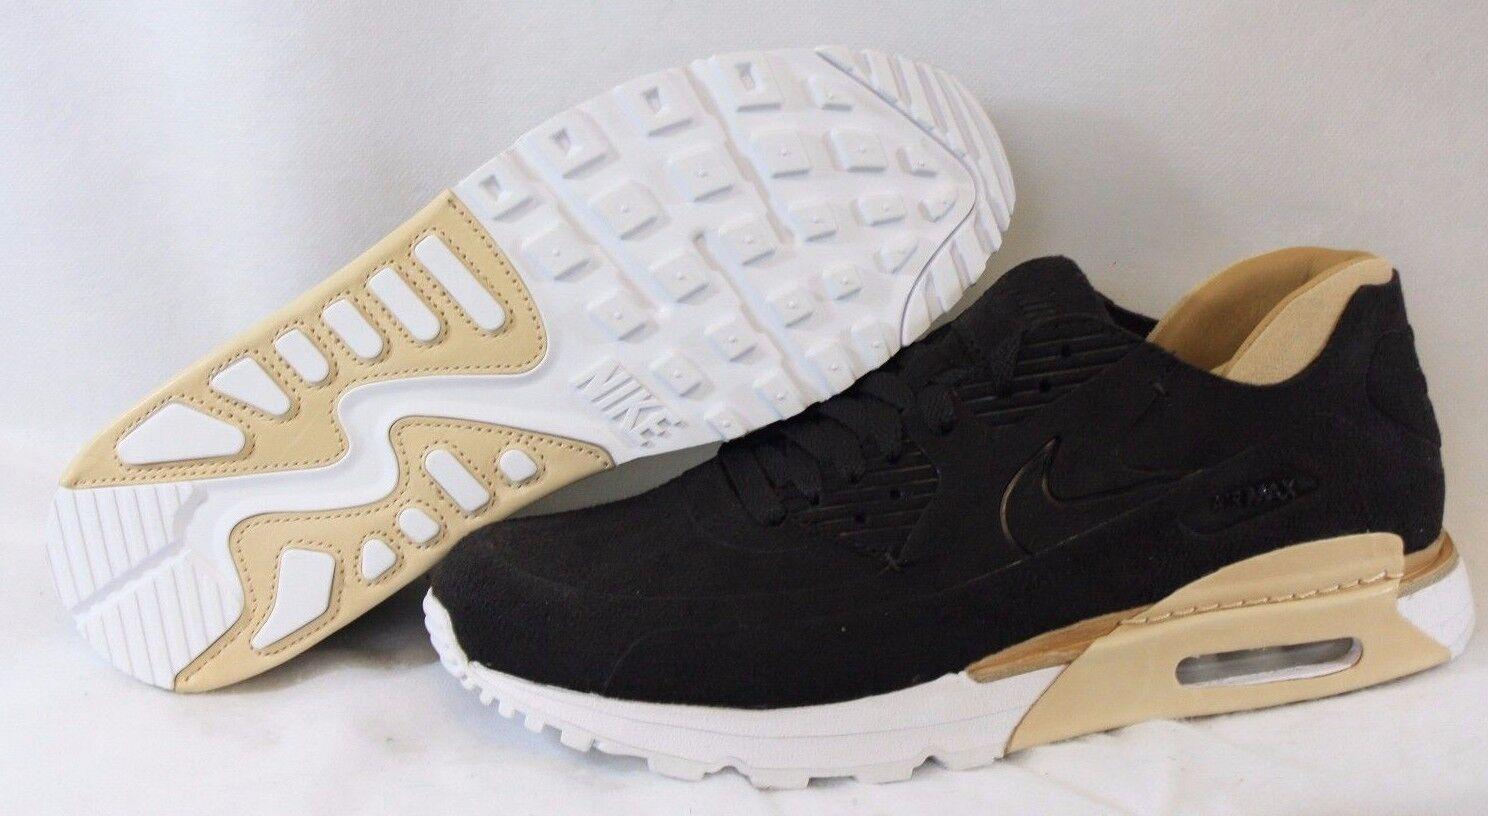 NEW Mens NIKE Air Max 90 Royal 885891 Velvet Brown Sneakers Shoes